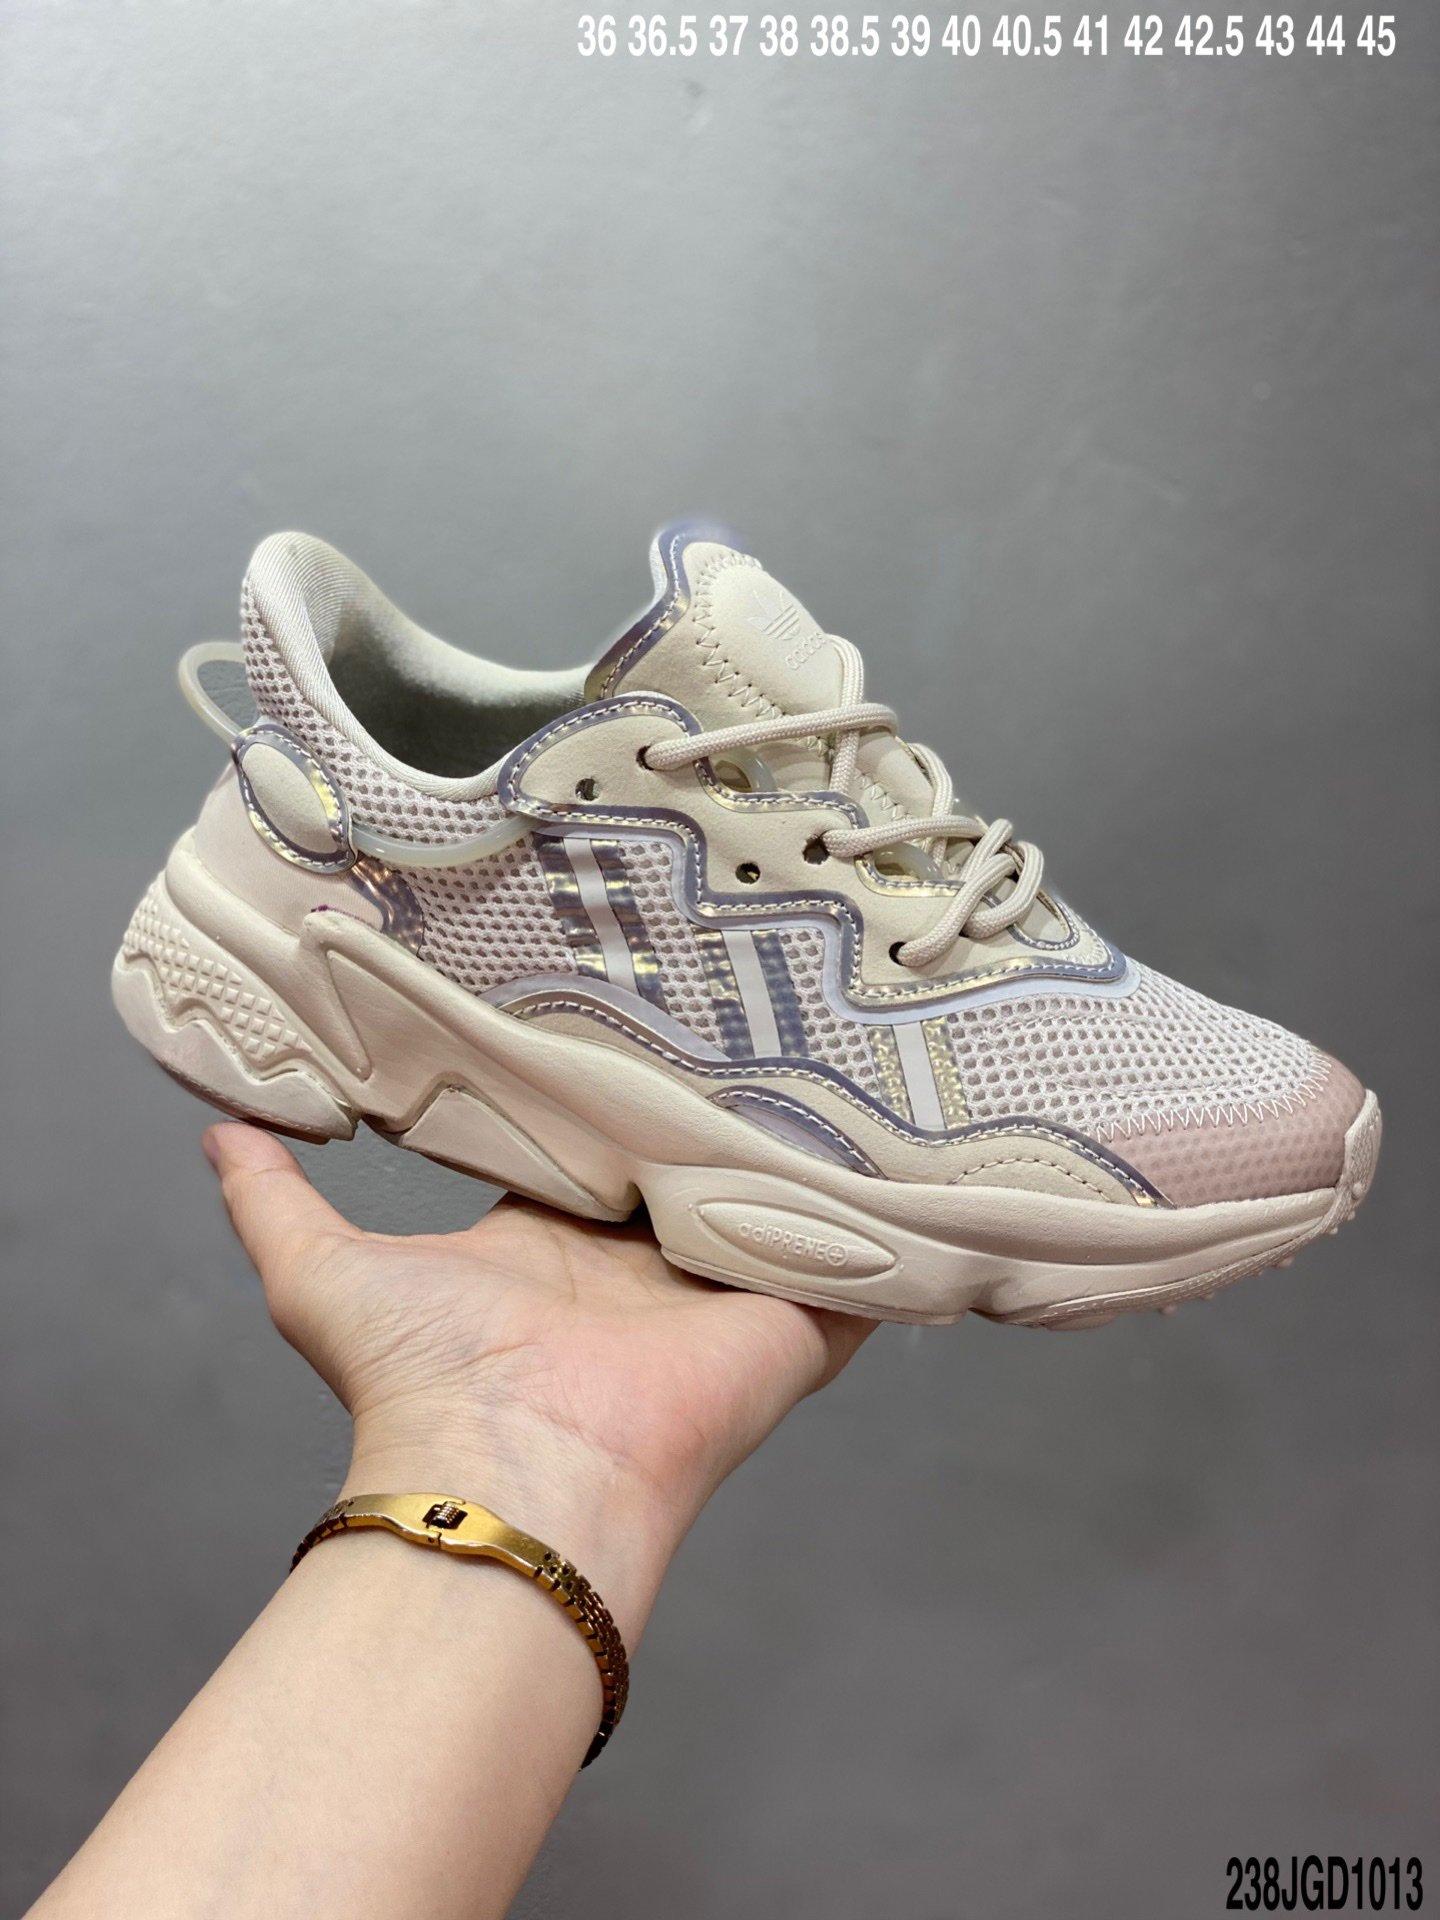 老爹鞋, Ozweego, Adidas, 3M反光